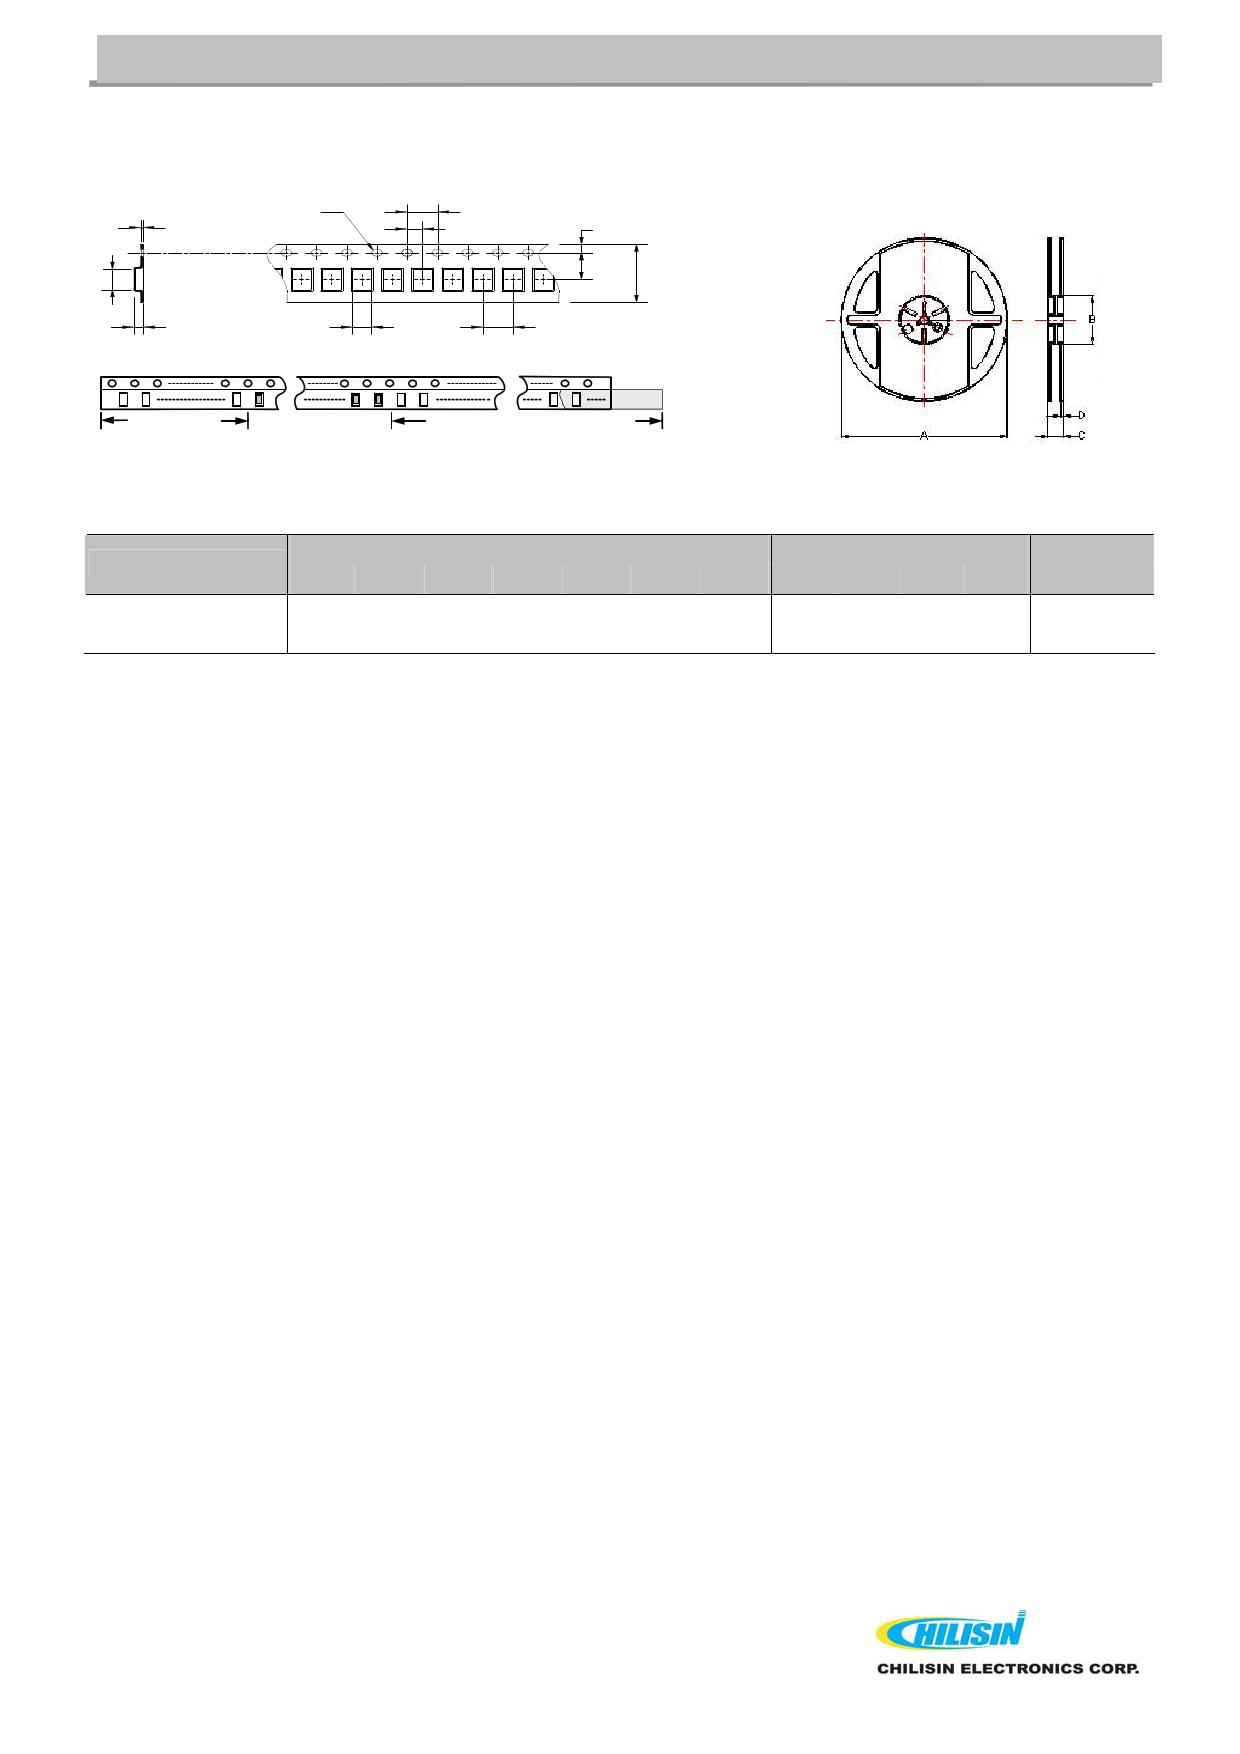 LT1210 pdf, 반도체, 판매, 대치품